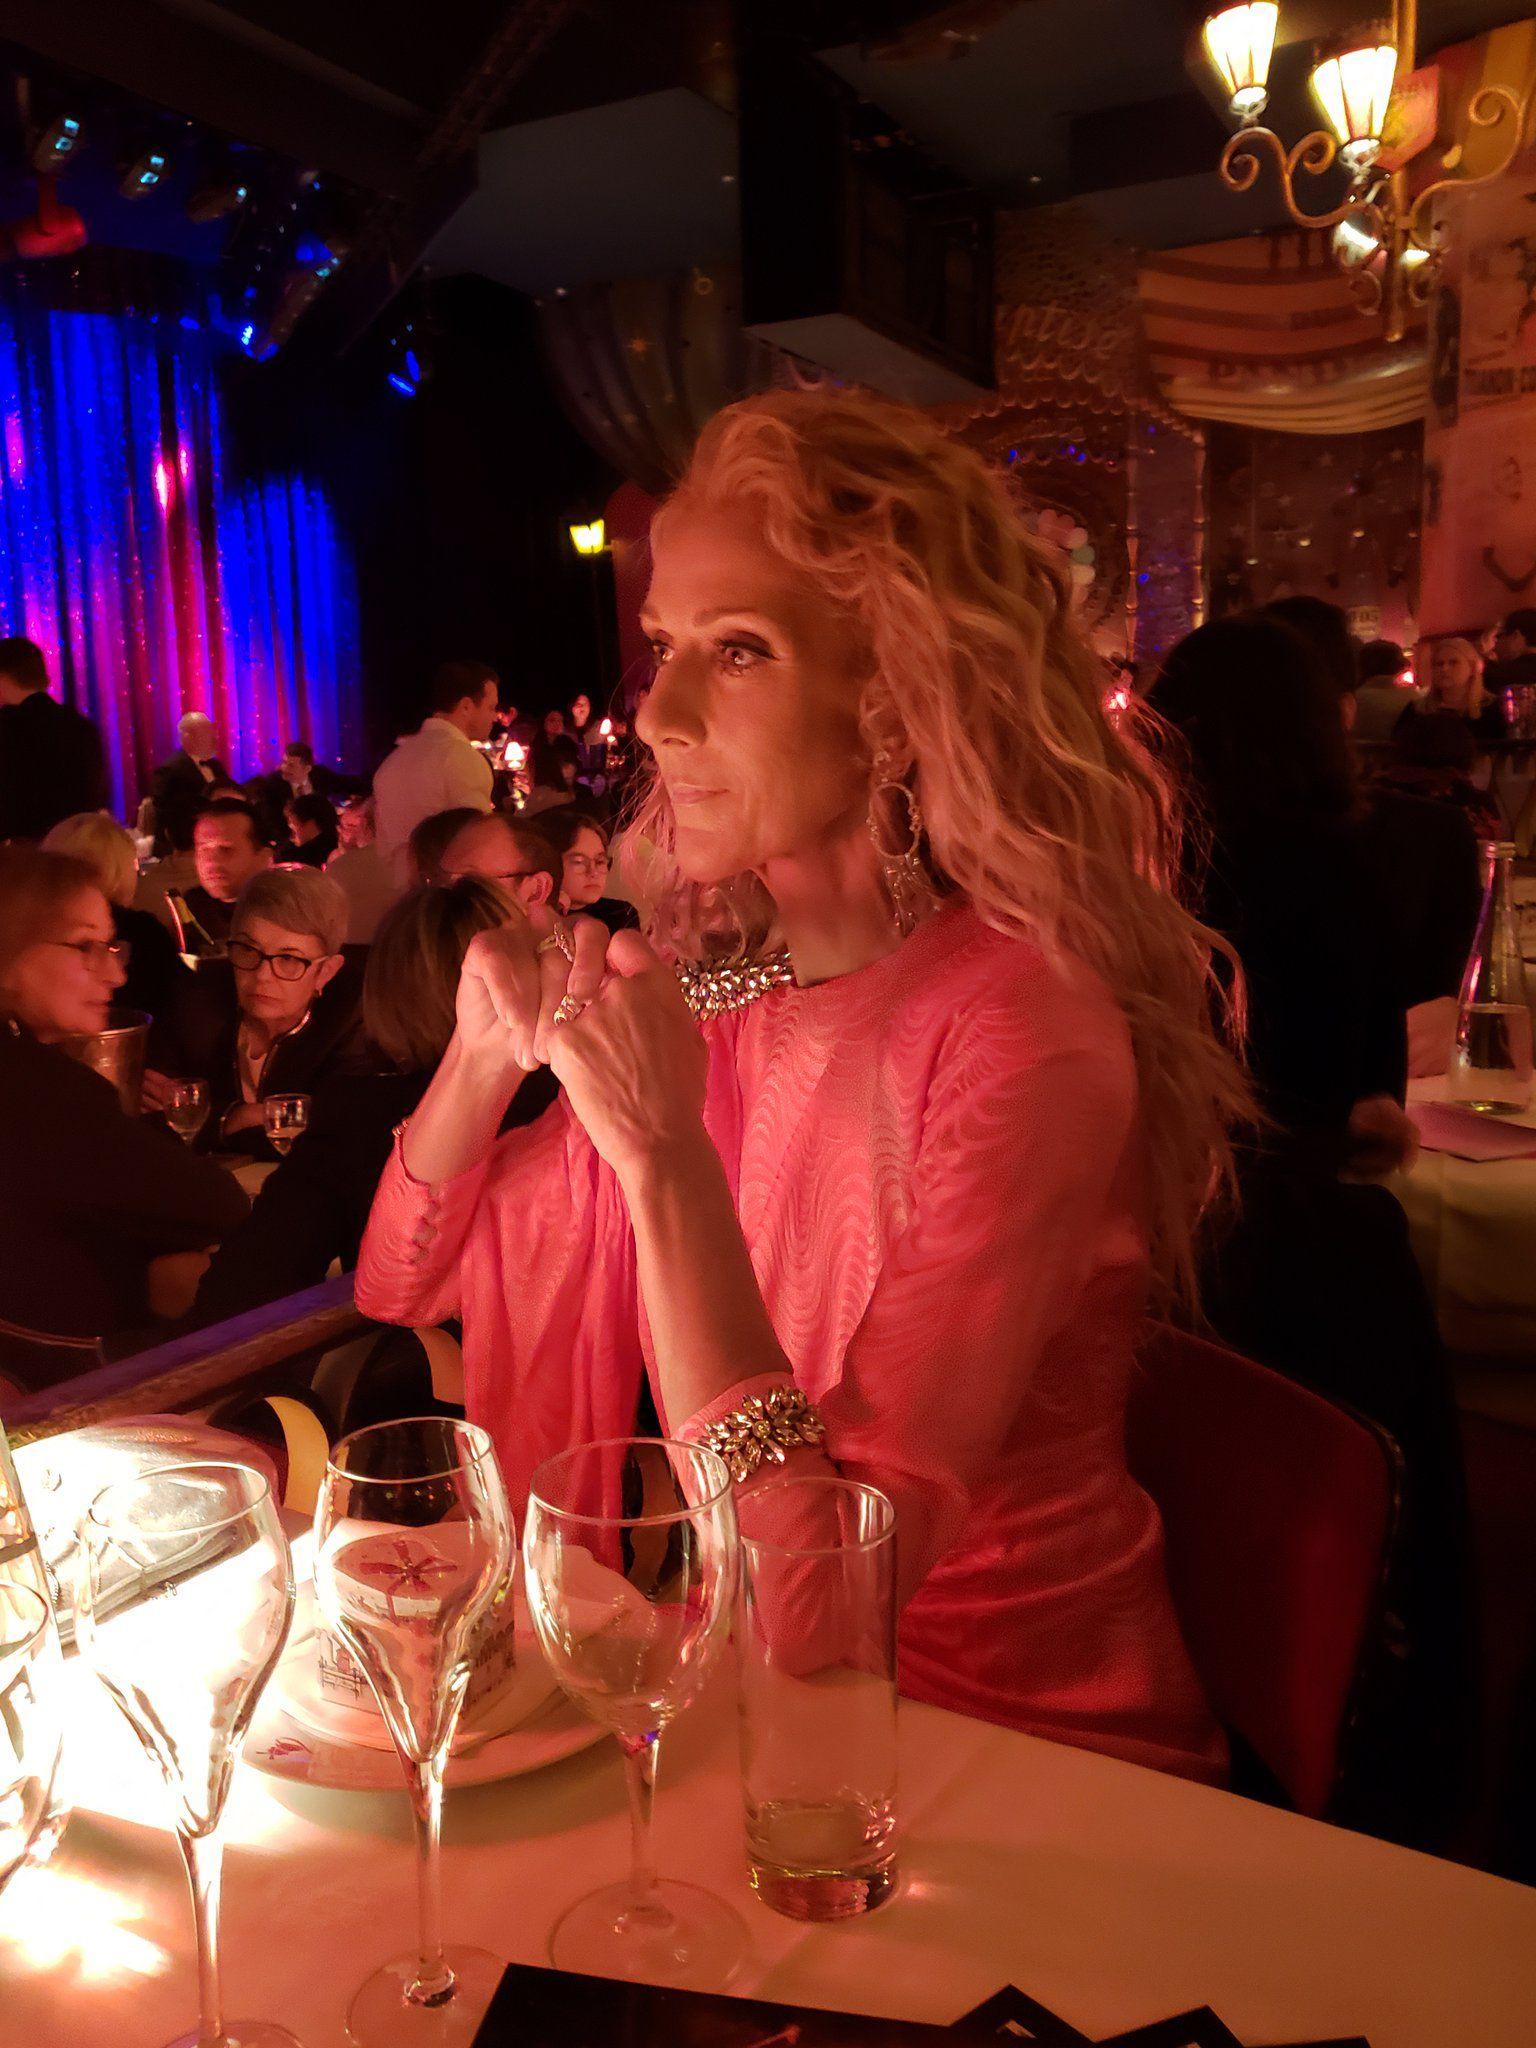 Pin By Nikki Denney On Celine Dion Celine Dion Celine Celebrities